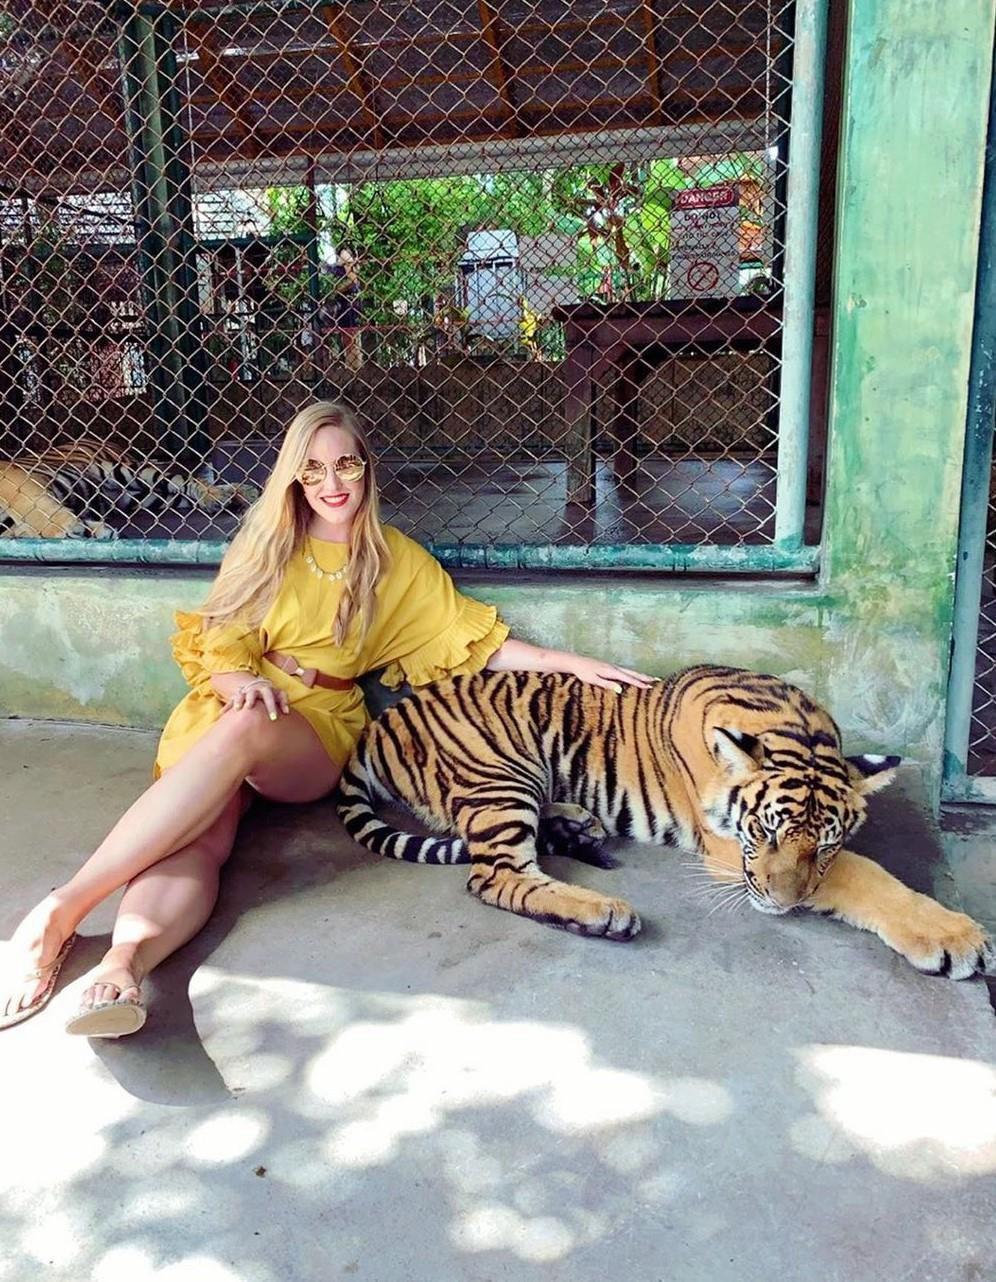 Tới Thái Lan, ghé nơi hổ đi lại nhởn nhơ trước mặt du khách Ảnh 5